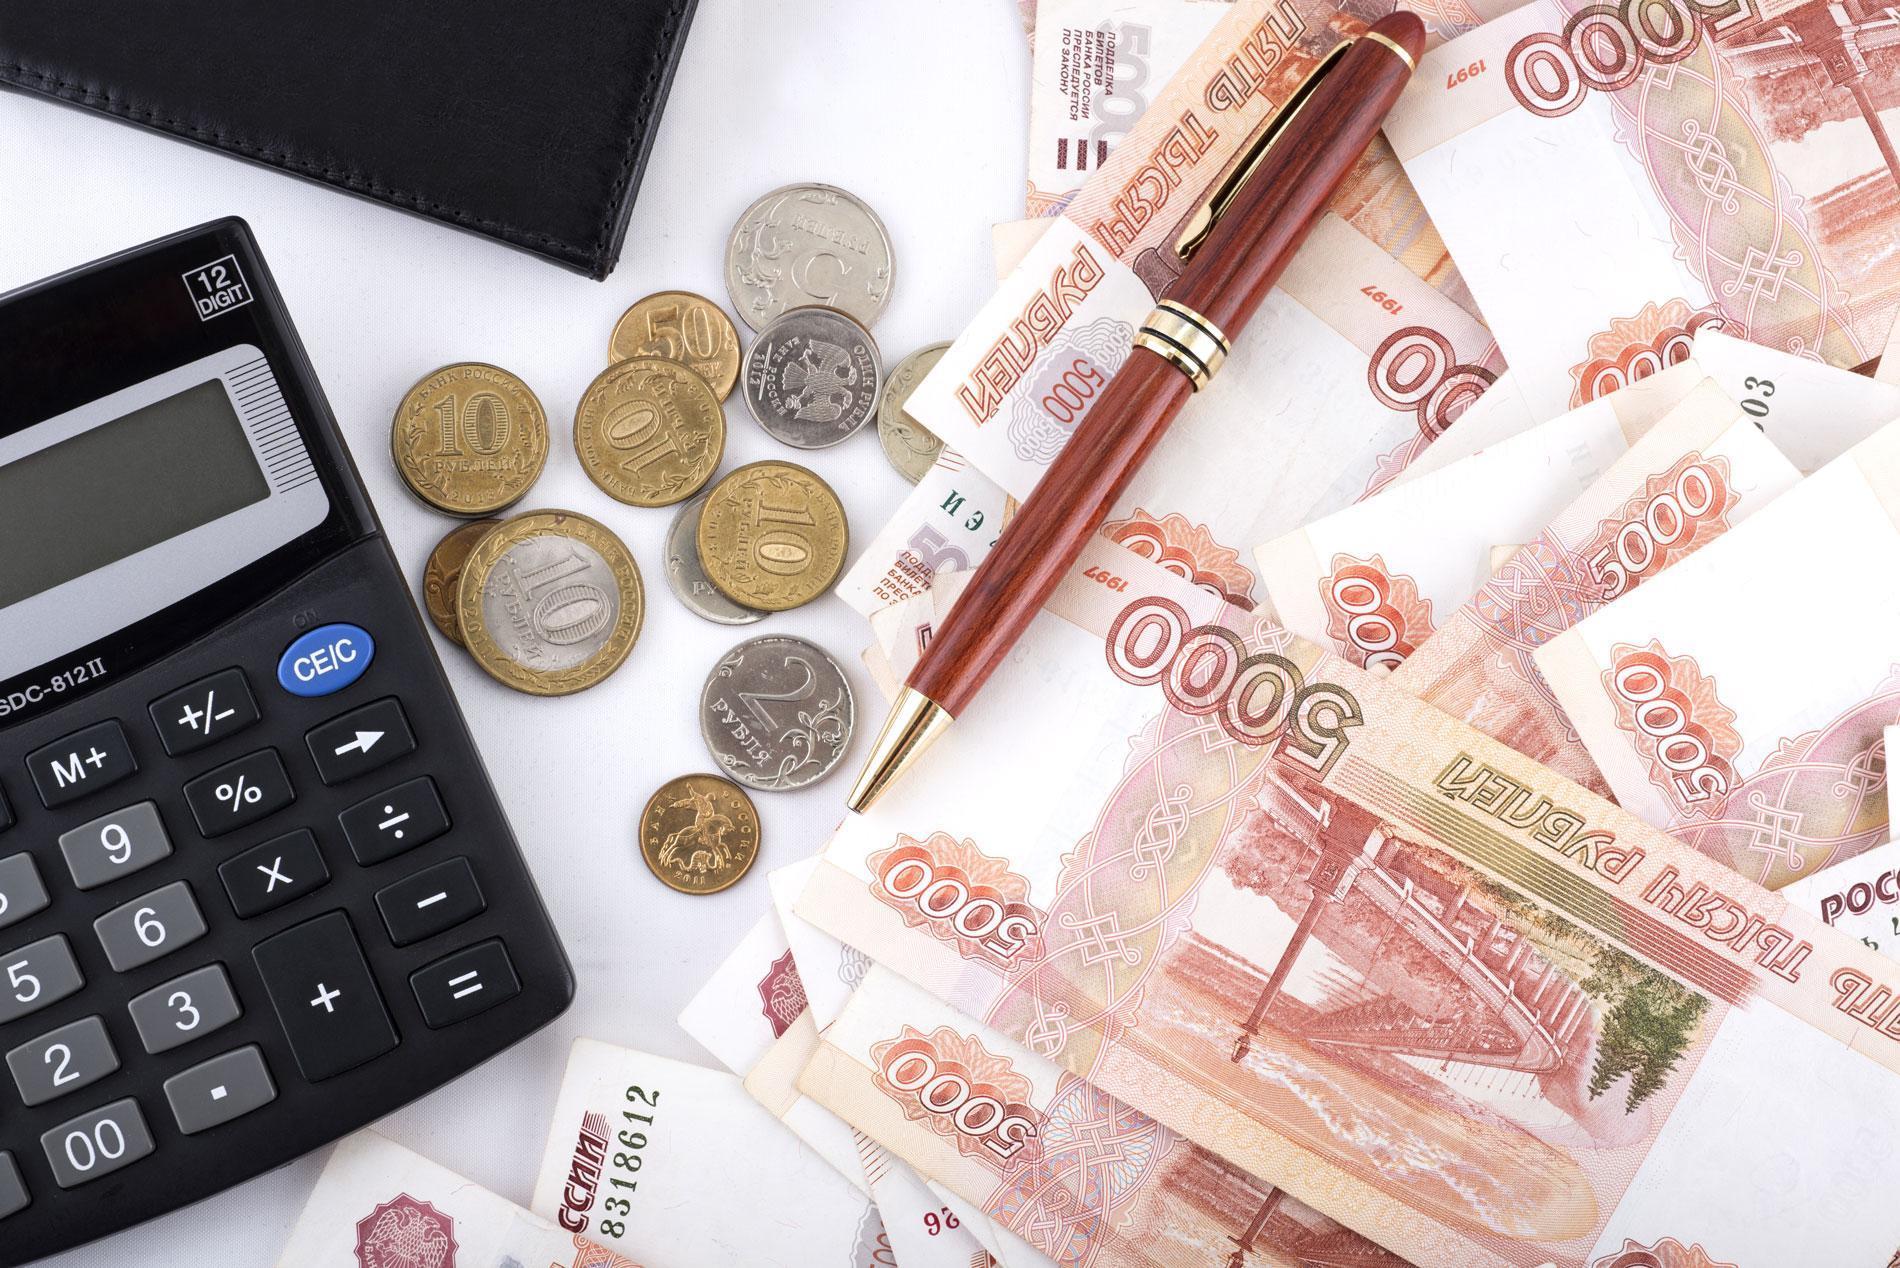 выплата дивидендов денежными средствами